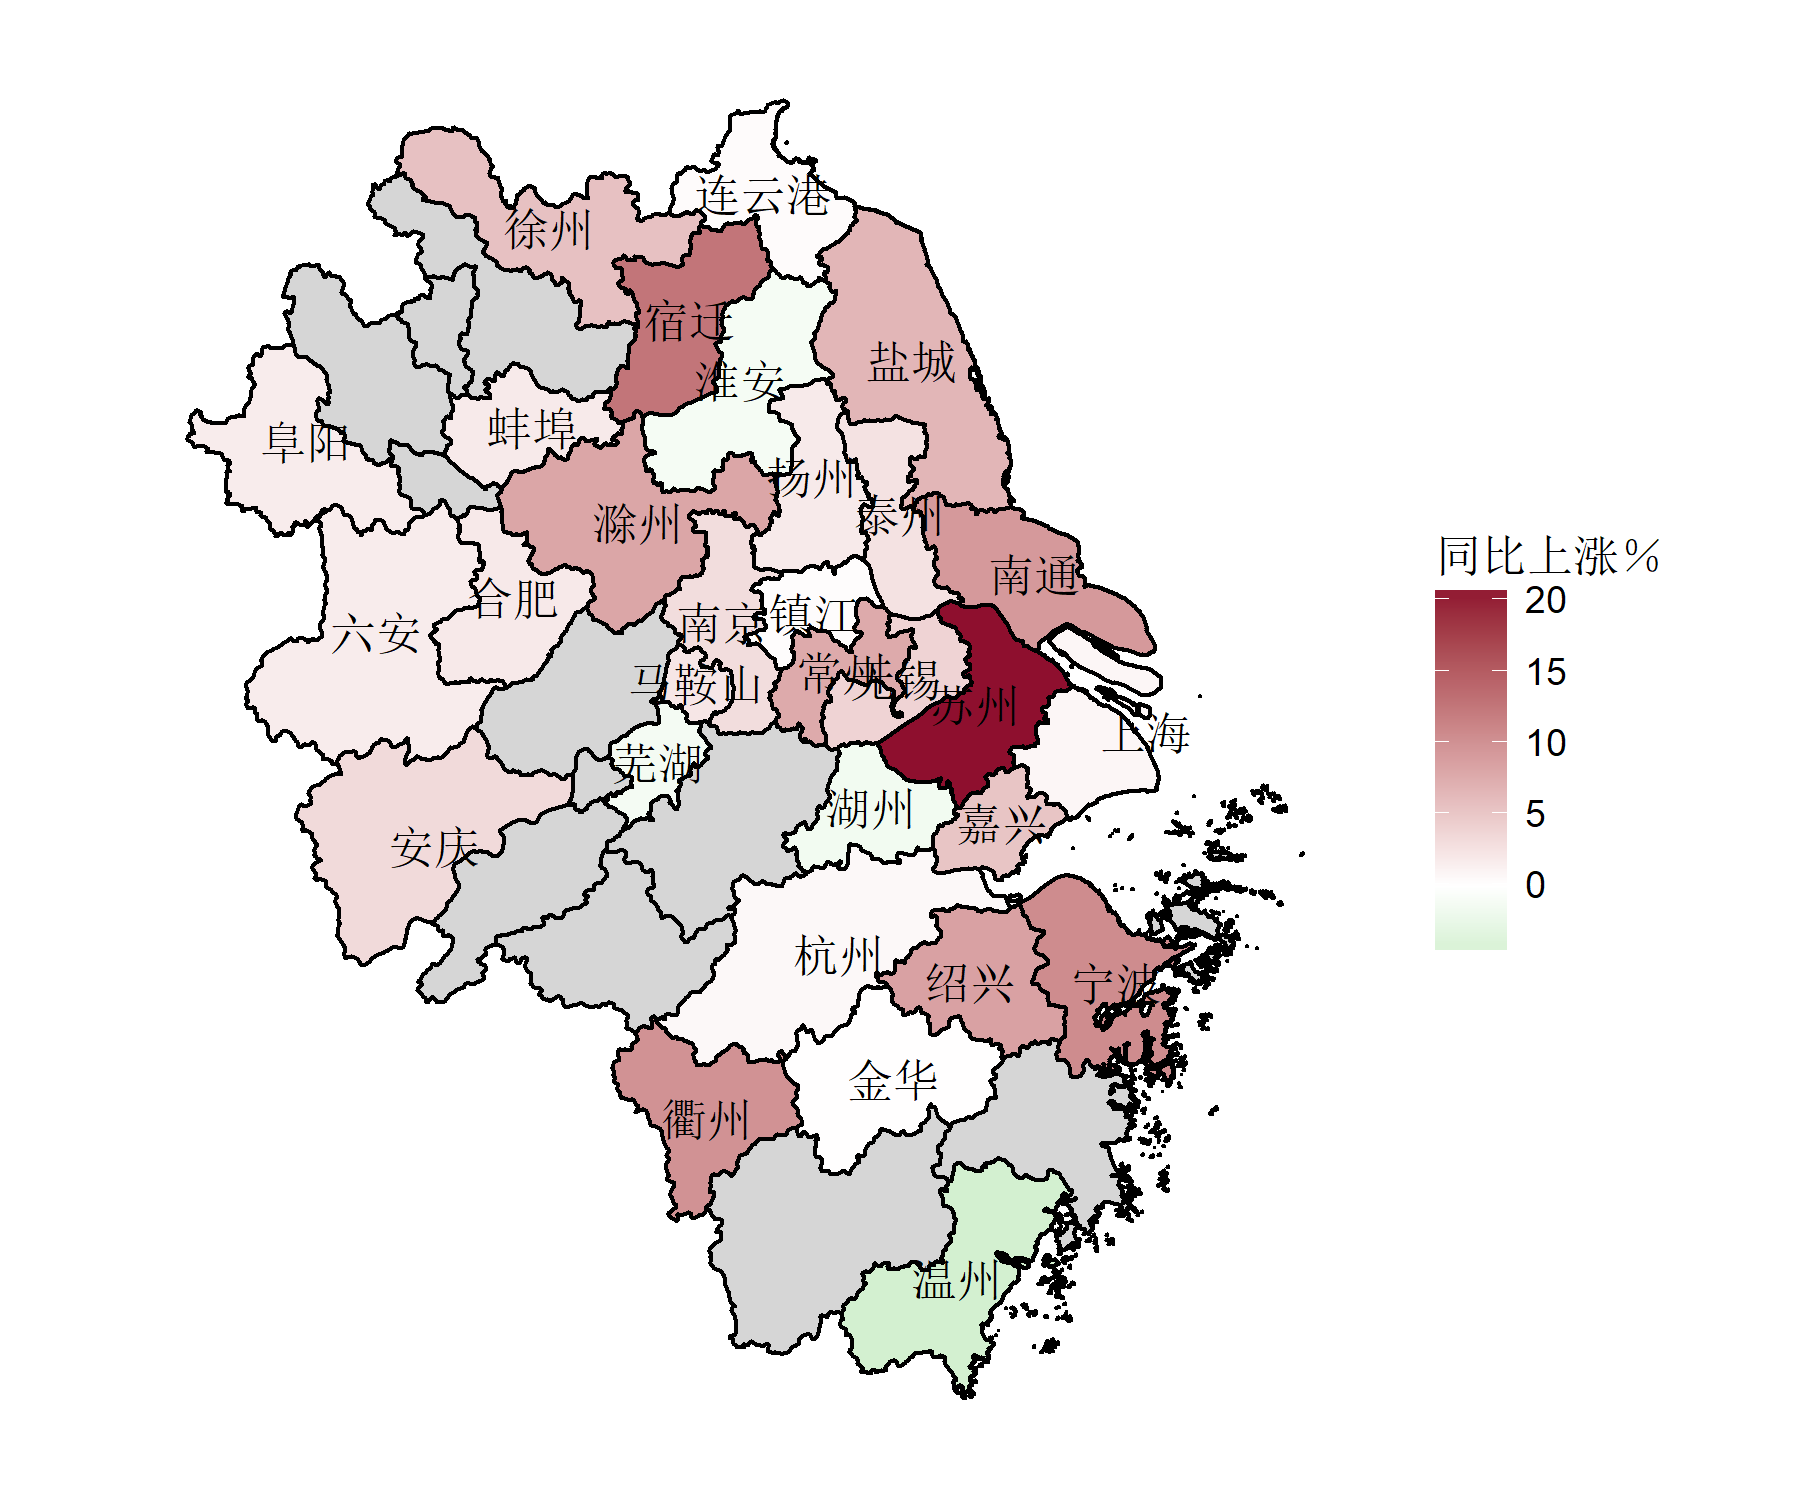 社科院:2019年珠三角城市群楼市景气度相对较低 长三角城市群相对较高-中国网地产